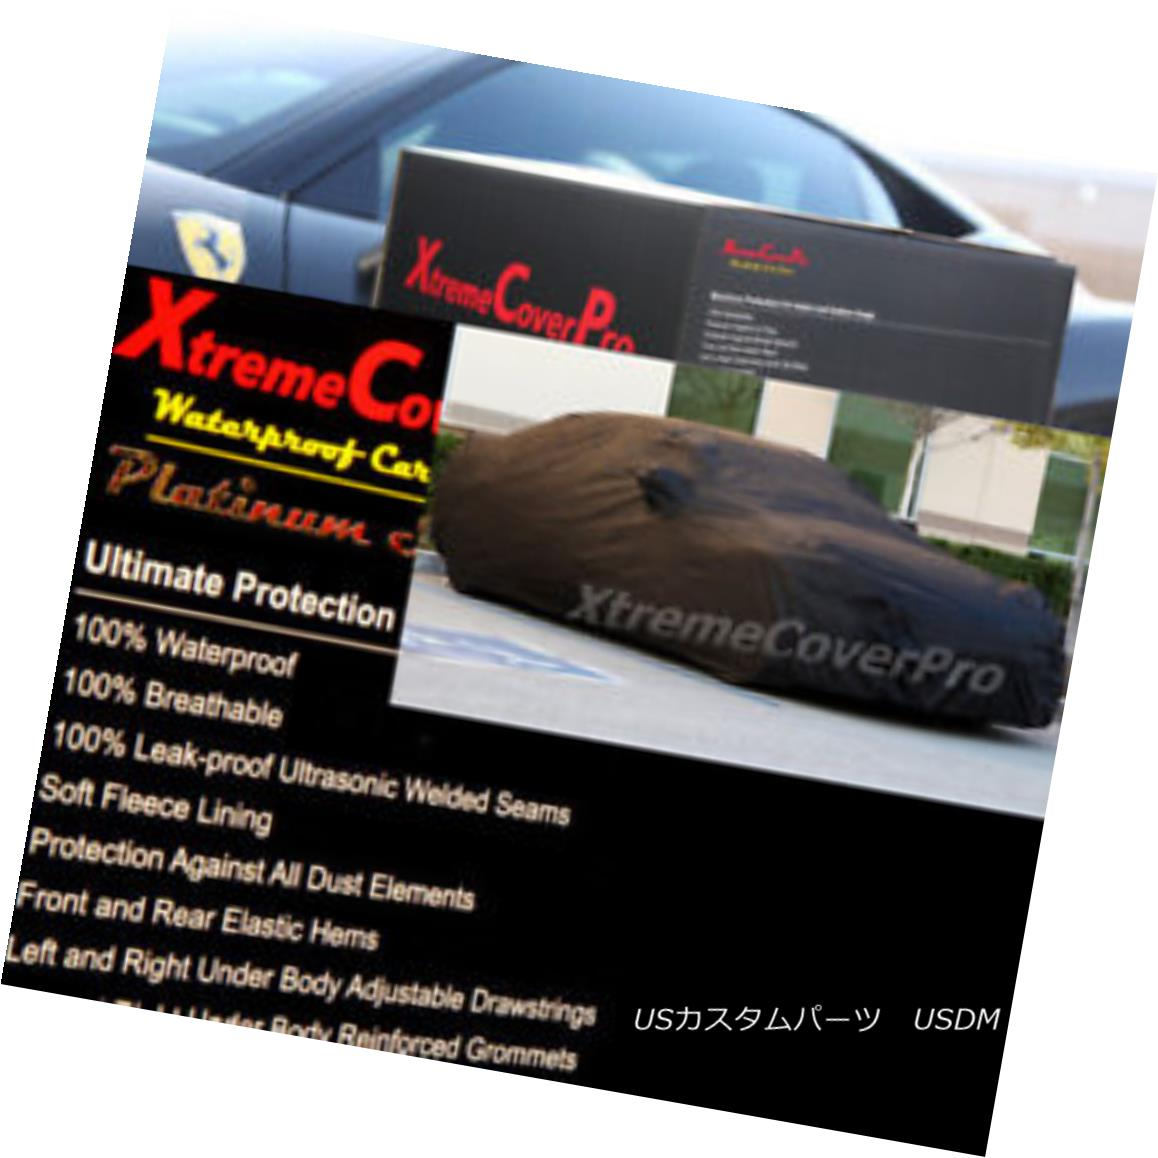 カーカバー WATERPROOF CAR COVER W/MIRROR POCKET for 2013 2012 2011 2010 2009 HYUNDAI AZERA 2012年2011年2010年2009年現代アゼラ用防水カーカバーWIRED POCKET